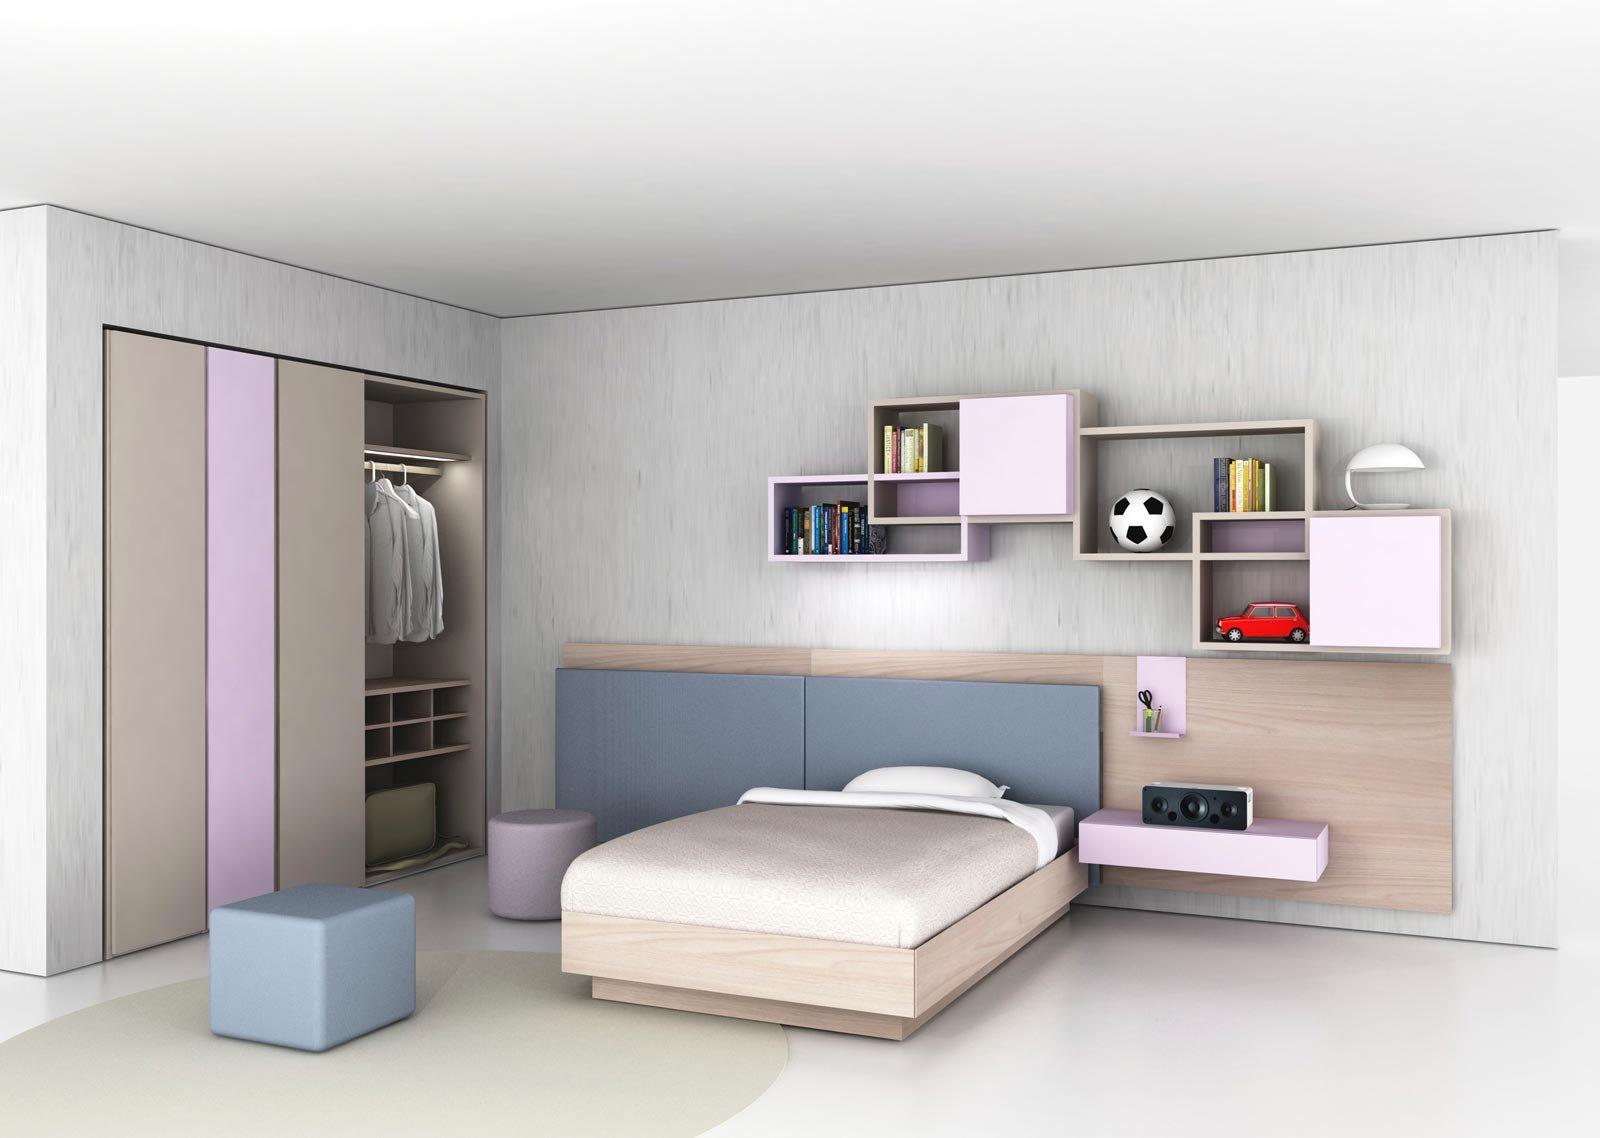 Scegliere la cameretta: 14 soluzioni per tutti gli spazi - Cose di ...